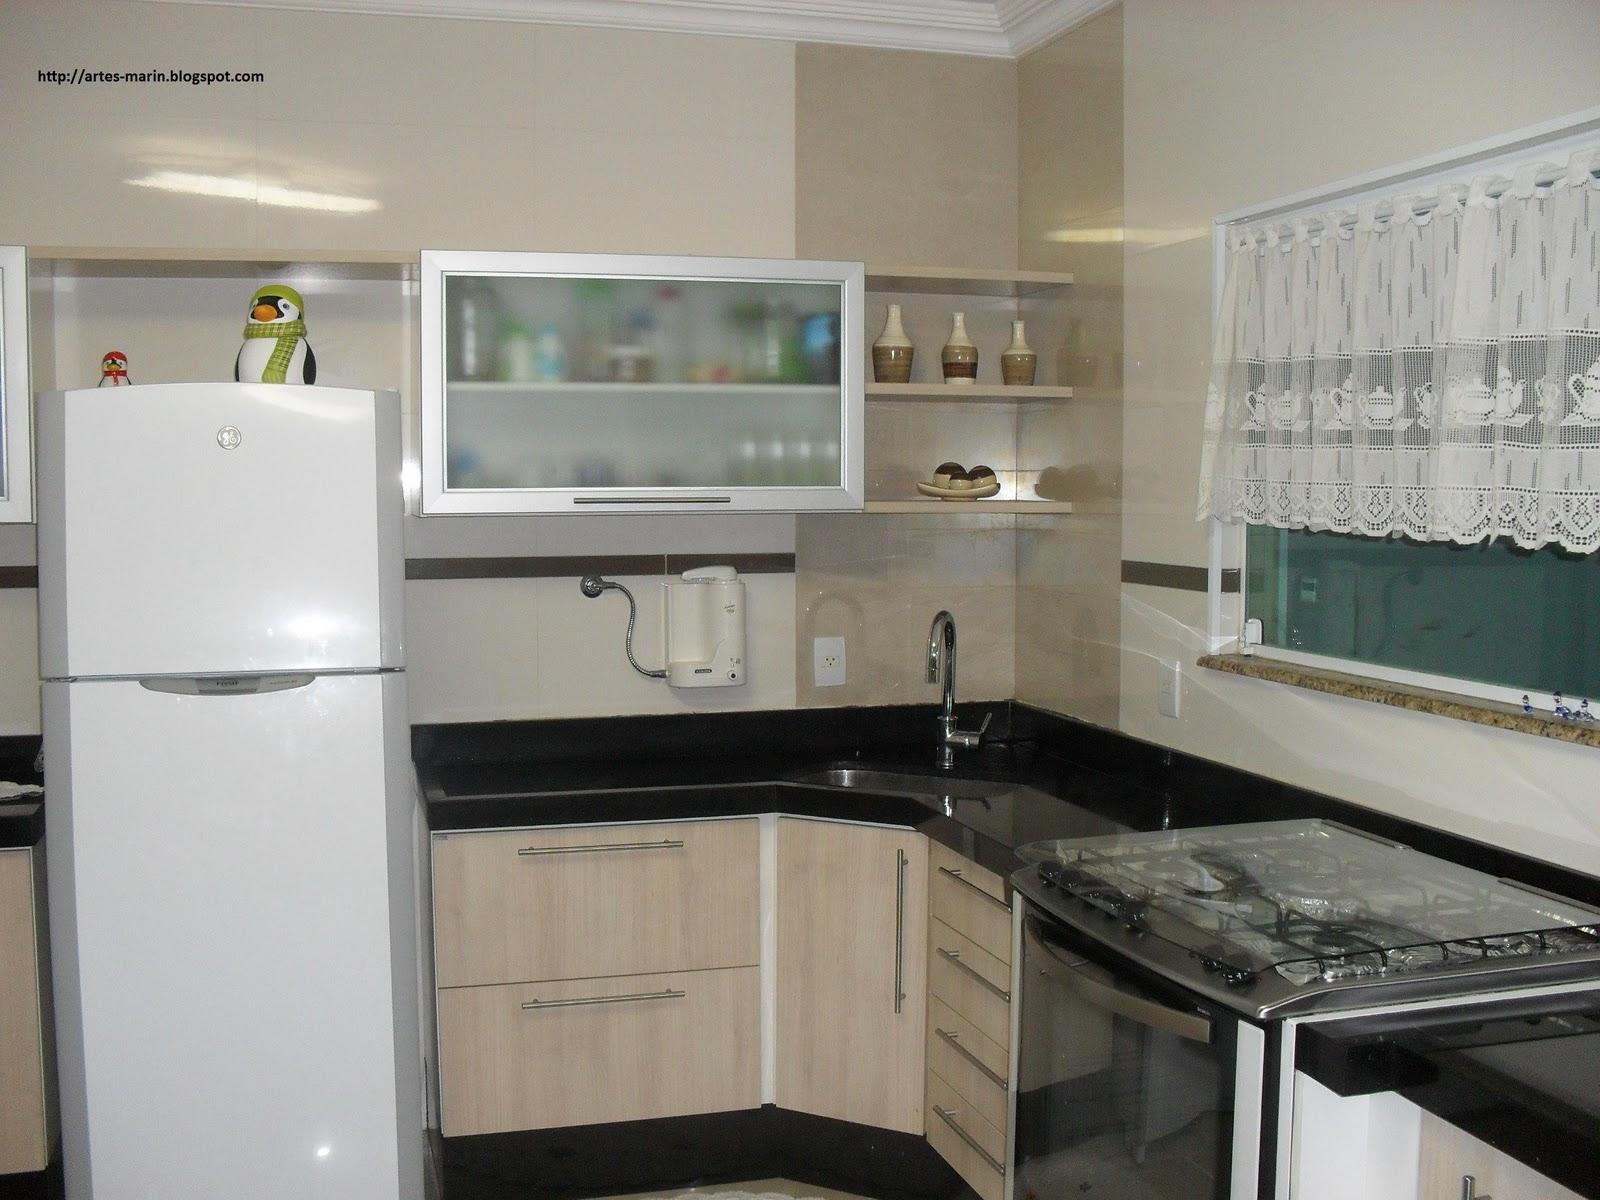 #5D503F ARTES MARIN : A arte nessas belas cozinhas 1600x1200 px Belas Cozinhas_140 Imagens